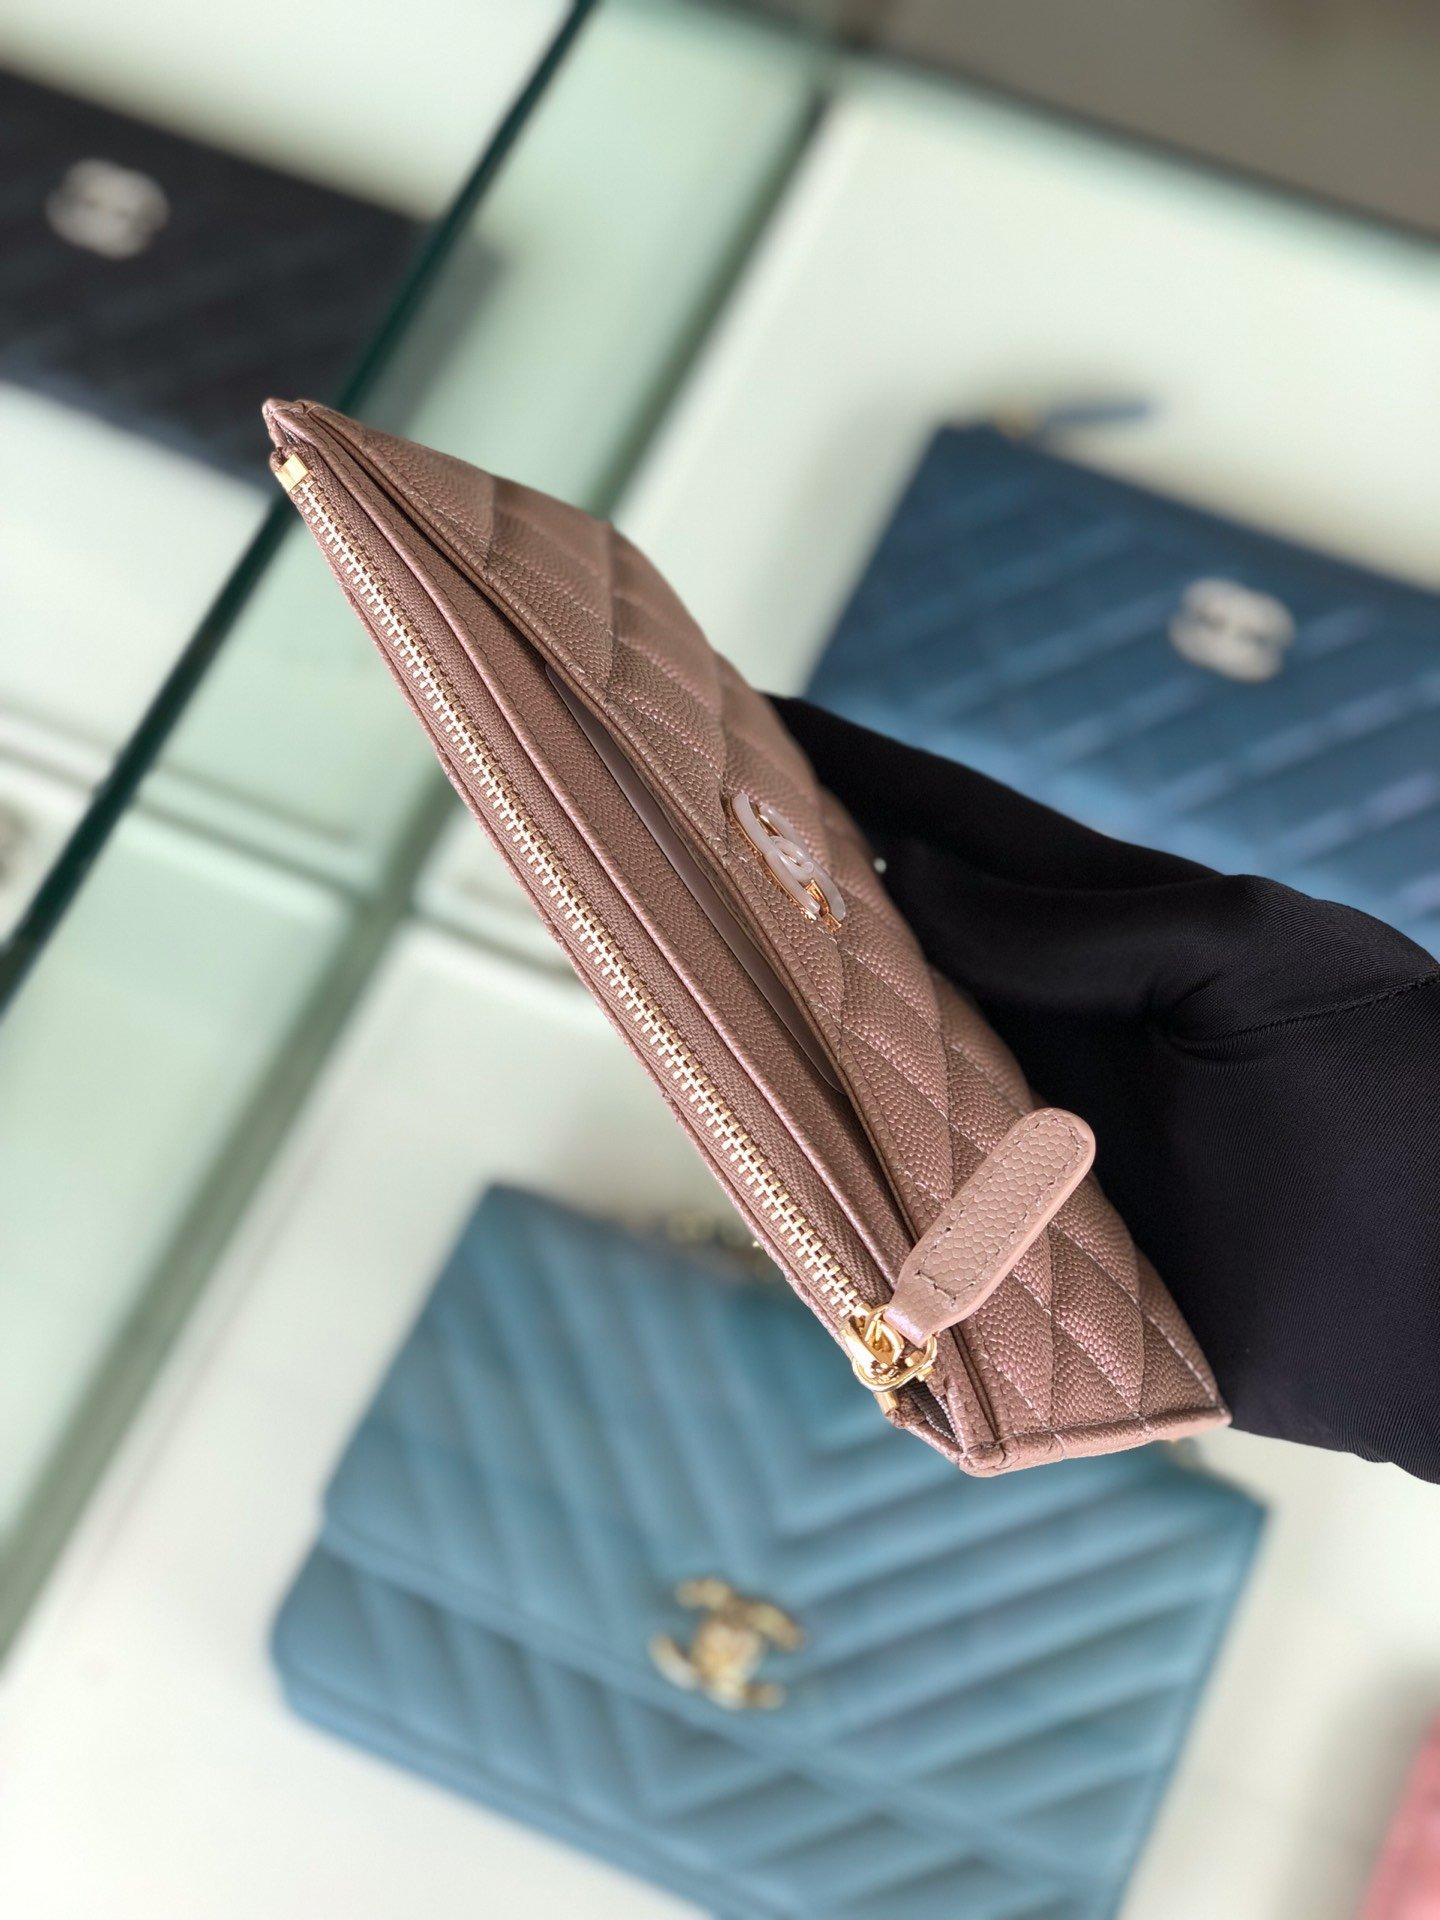 Chanel 2019最新款幻彩颗粒压花牛皮革零钱包卡包钥匙包(图3)